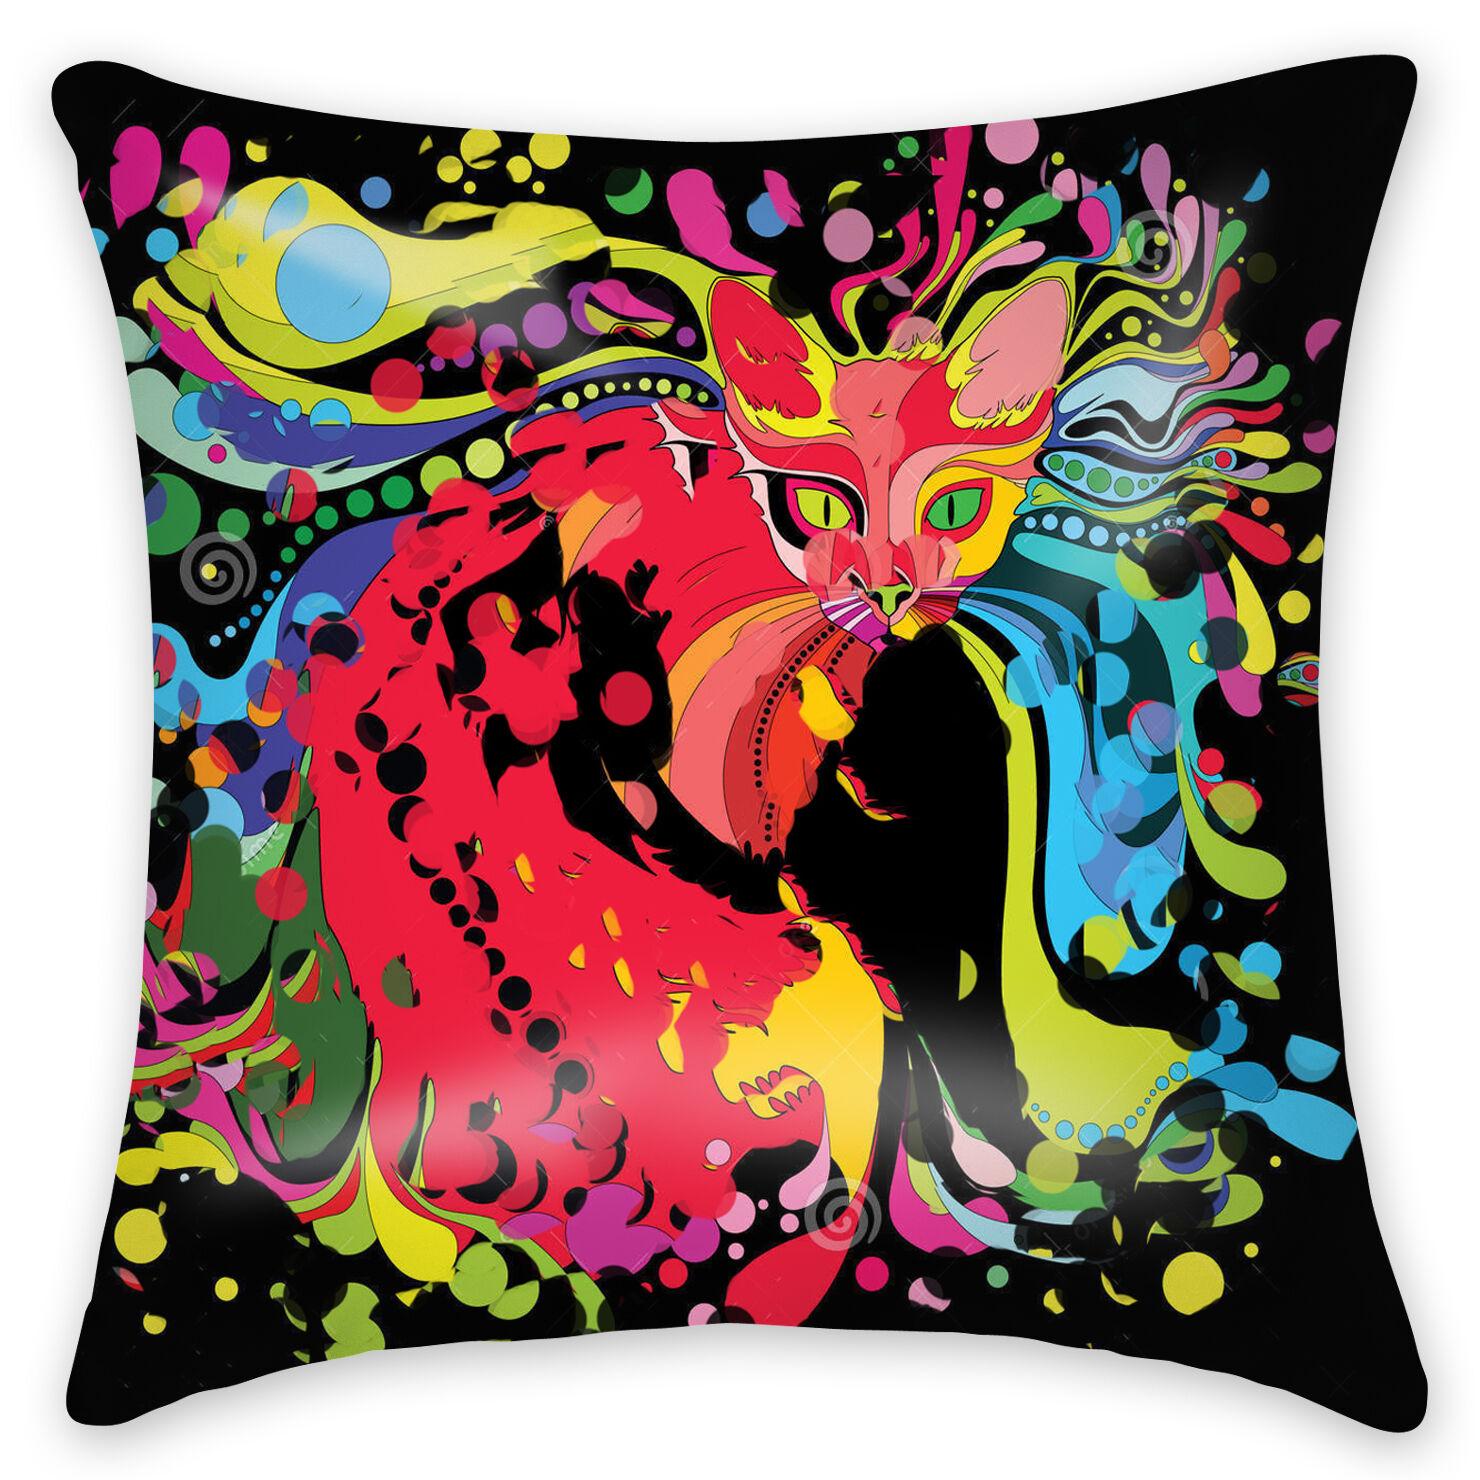 Doomagic Animal Pillow Case : Animal Collection Bird Horse Flamingo Cushion Cover Home Decor Throw Pillow Case